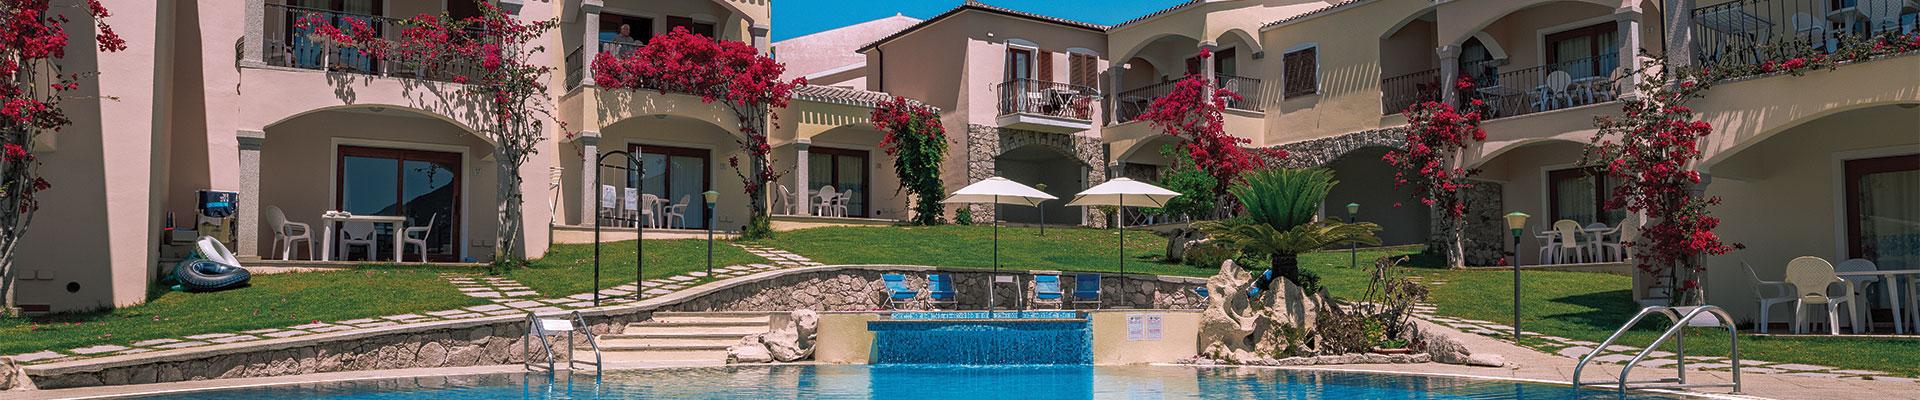 Viaggia con la famiglia o gli amici in residence o appartamenti: con Vantaggi Travel hai prezzi scontatissmi.